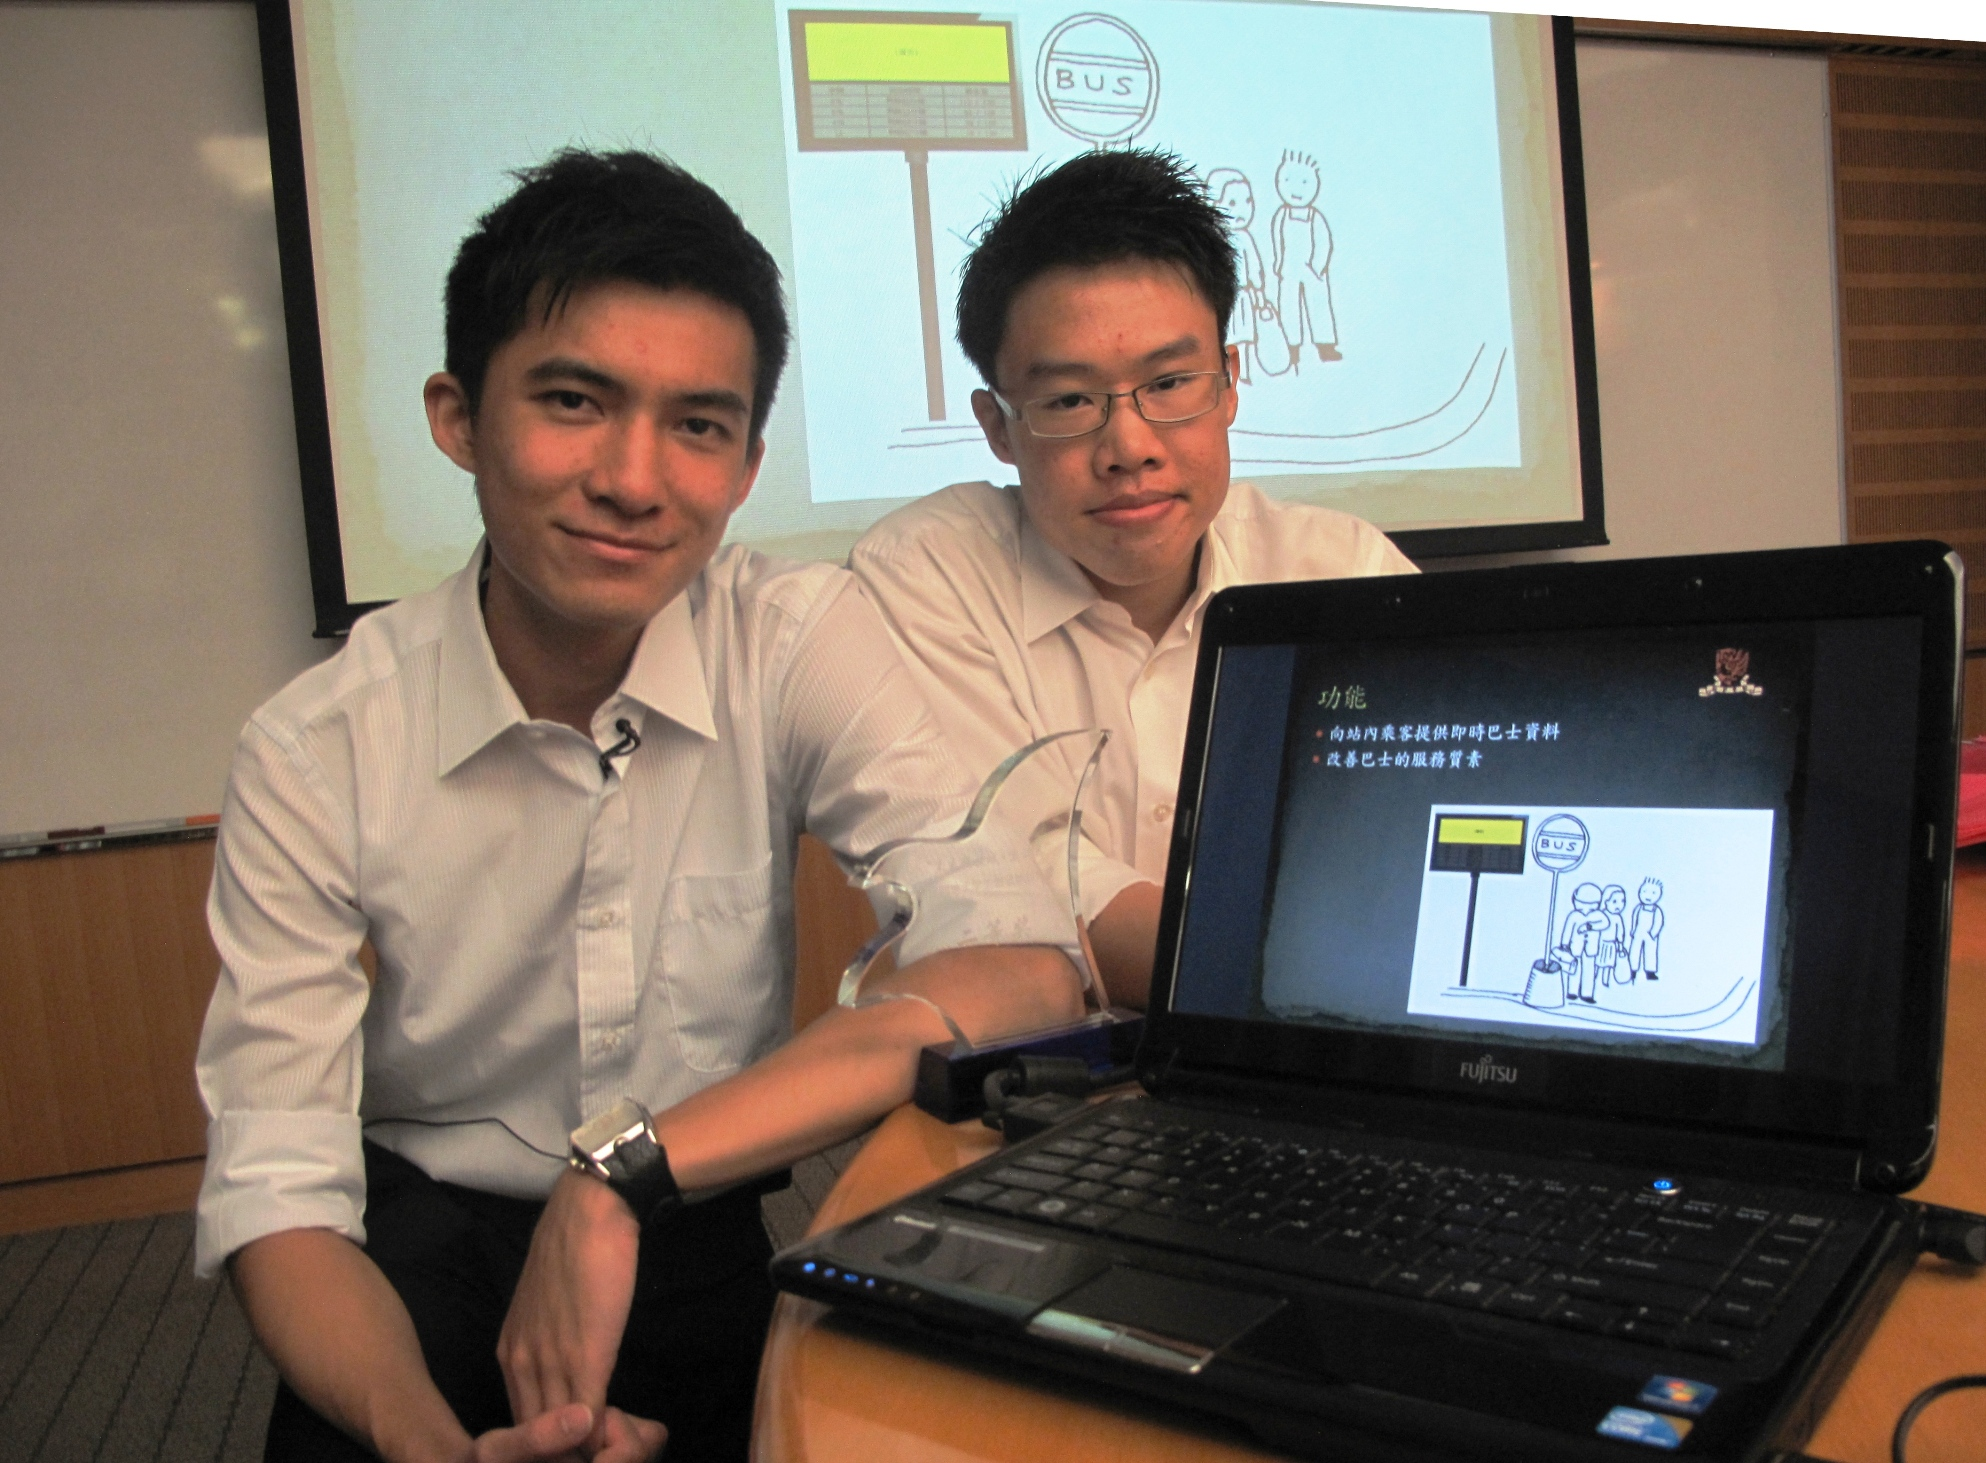 黃卓榮(左)及周梓浲介紹「智能公交到站預測系統」的設計意念